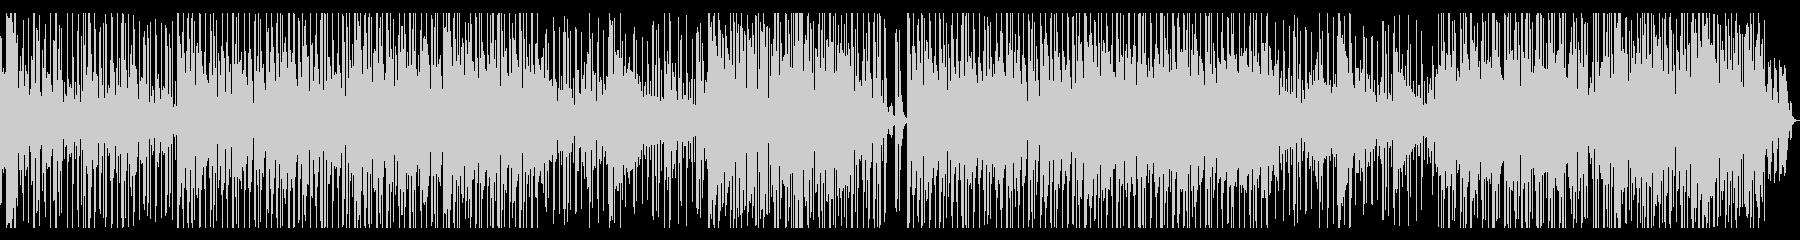 都会/アーバン/R&B_No459_1の未再生の波形